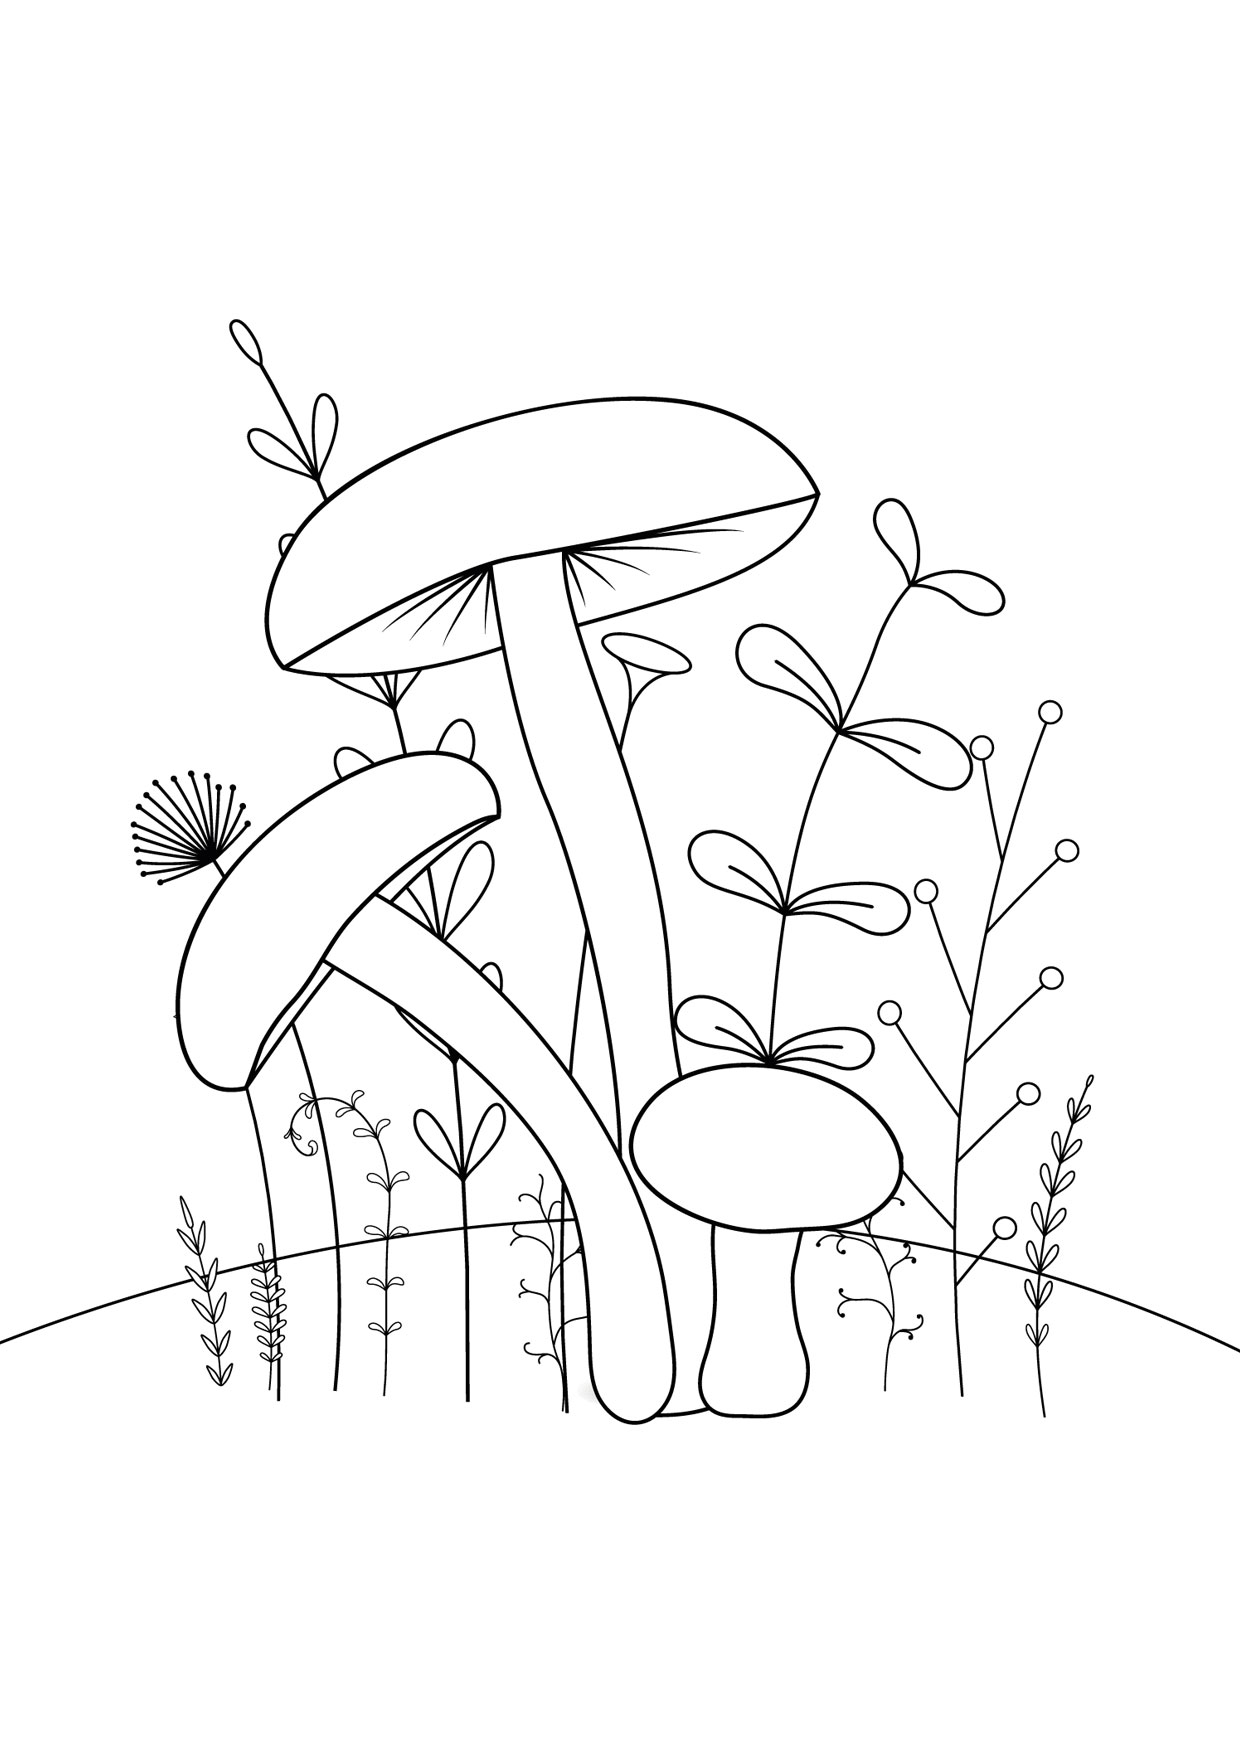 Disegno di funghi da colorare 05